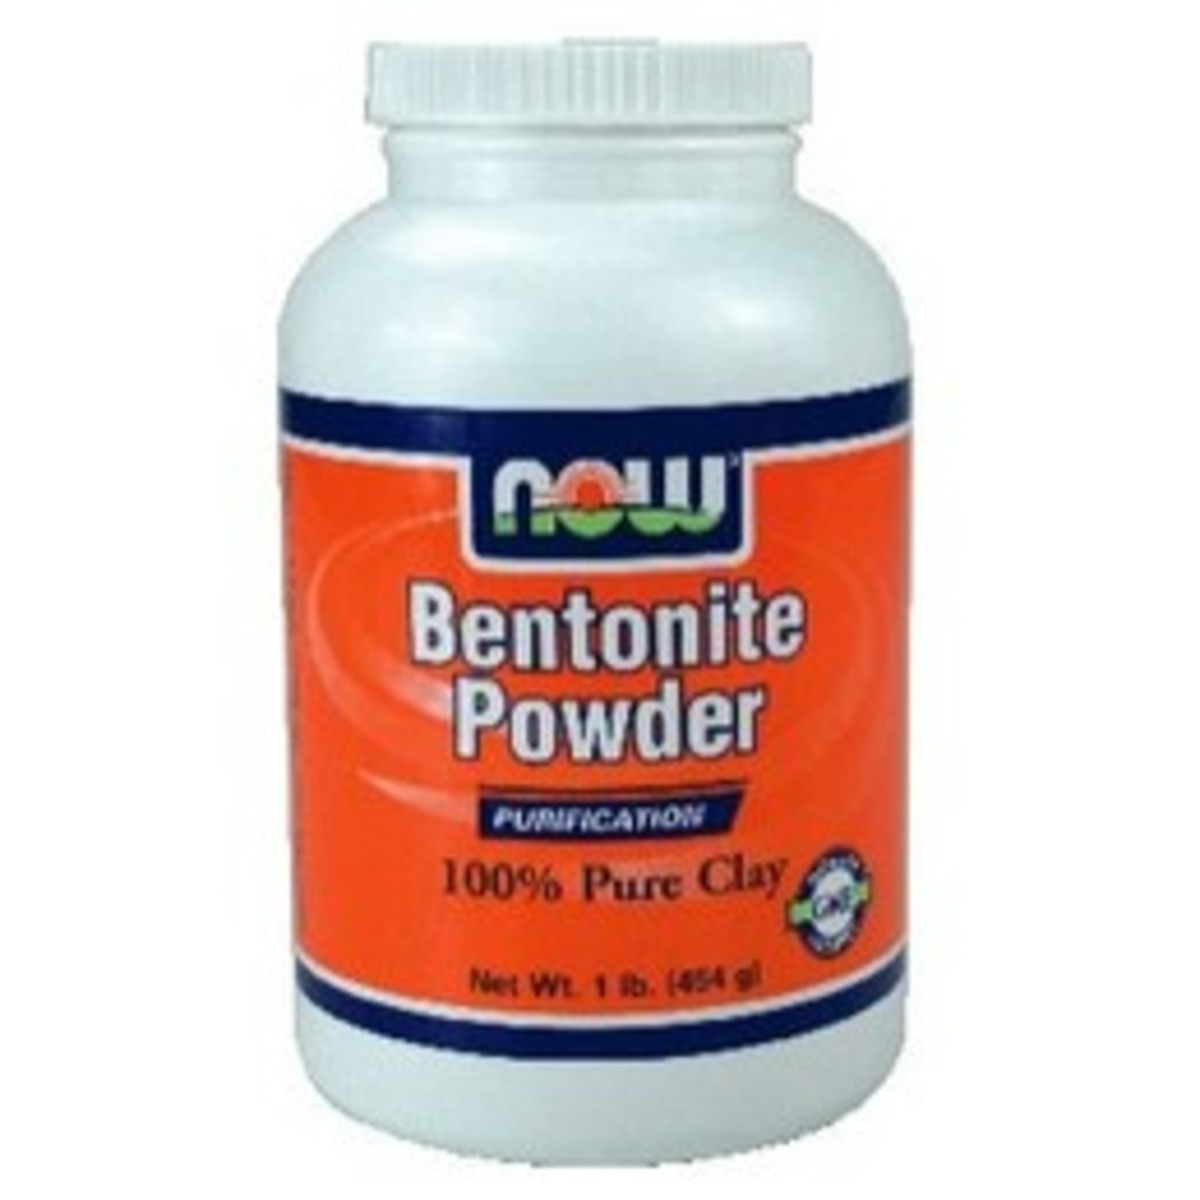 Bentonite-Powder